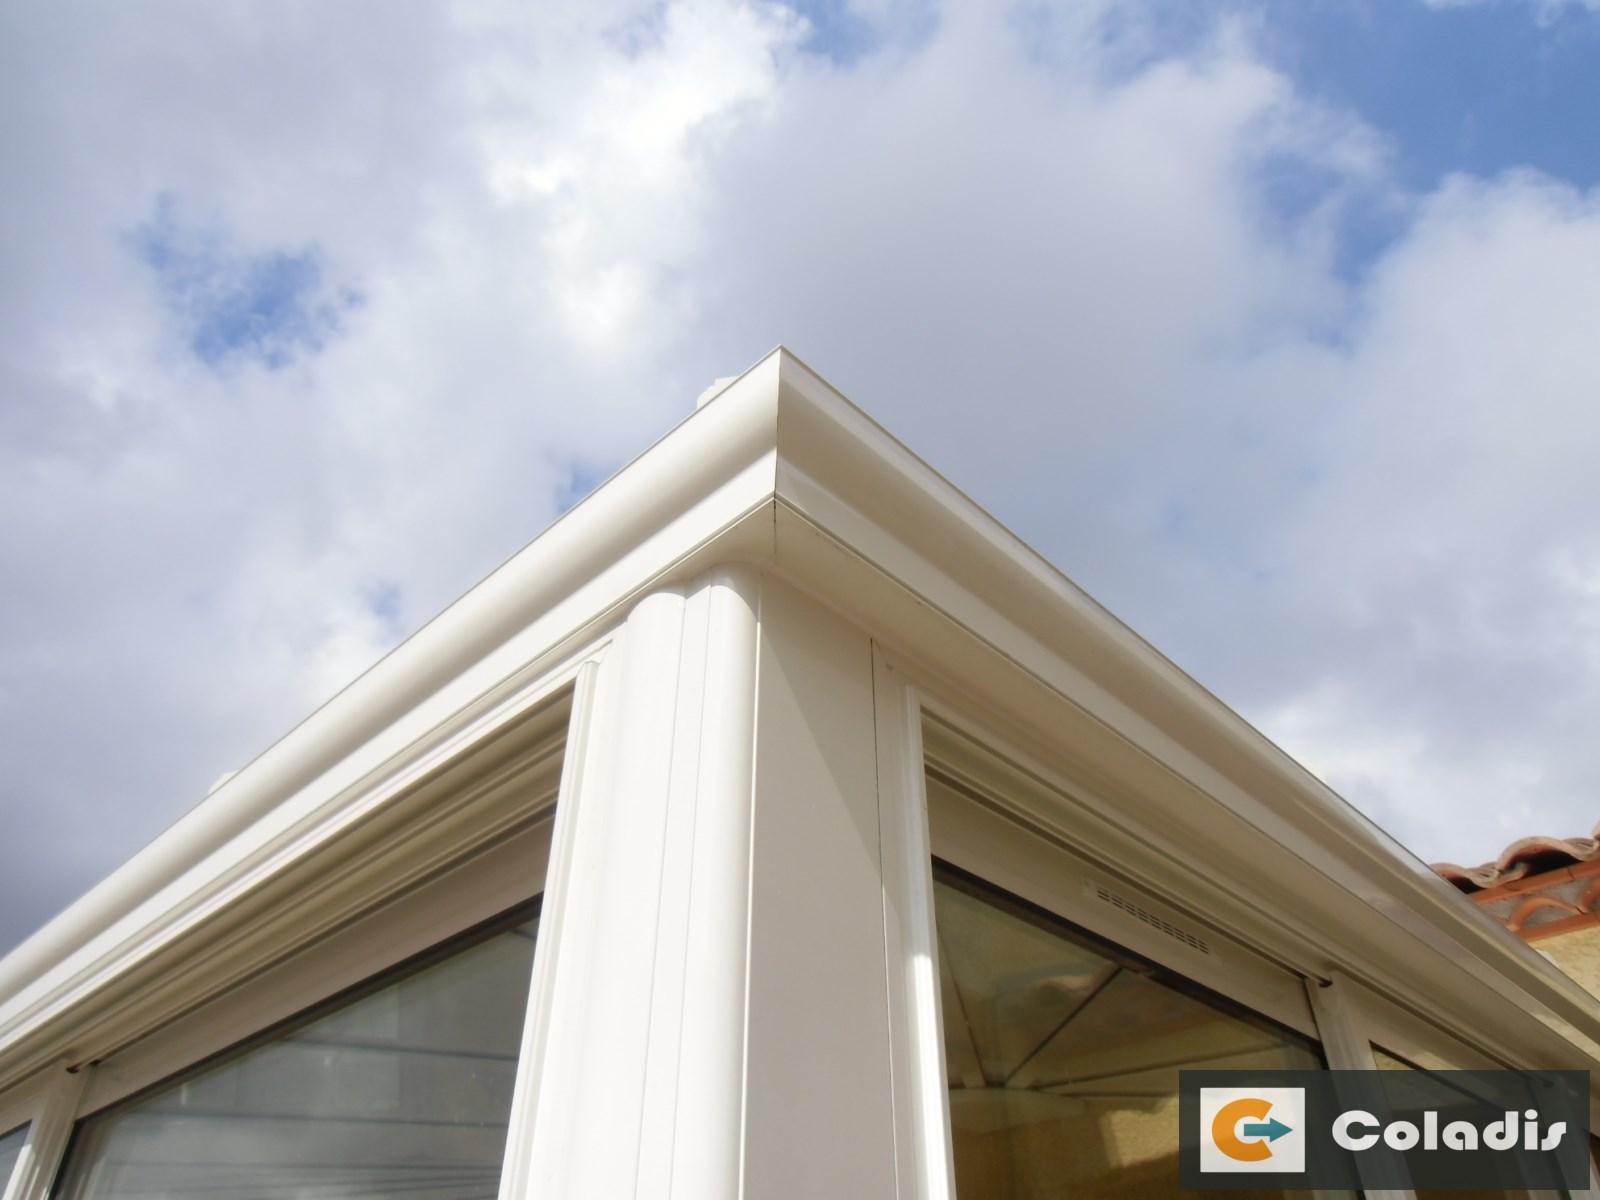 Les profilés aluminium pour la toiture d'une veranda isolante à Montpellier 34 - Coladis